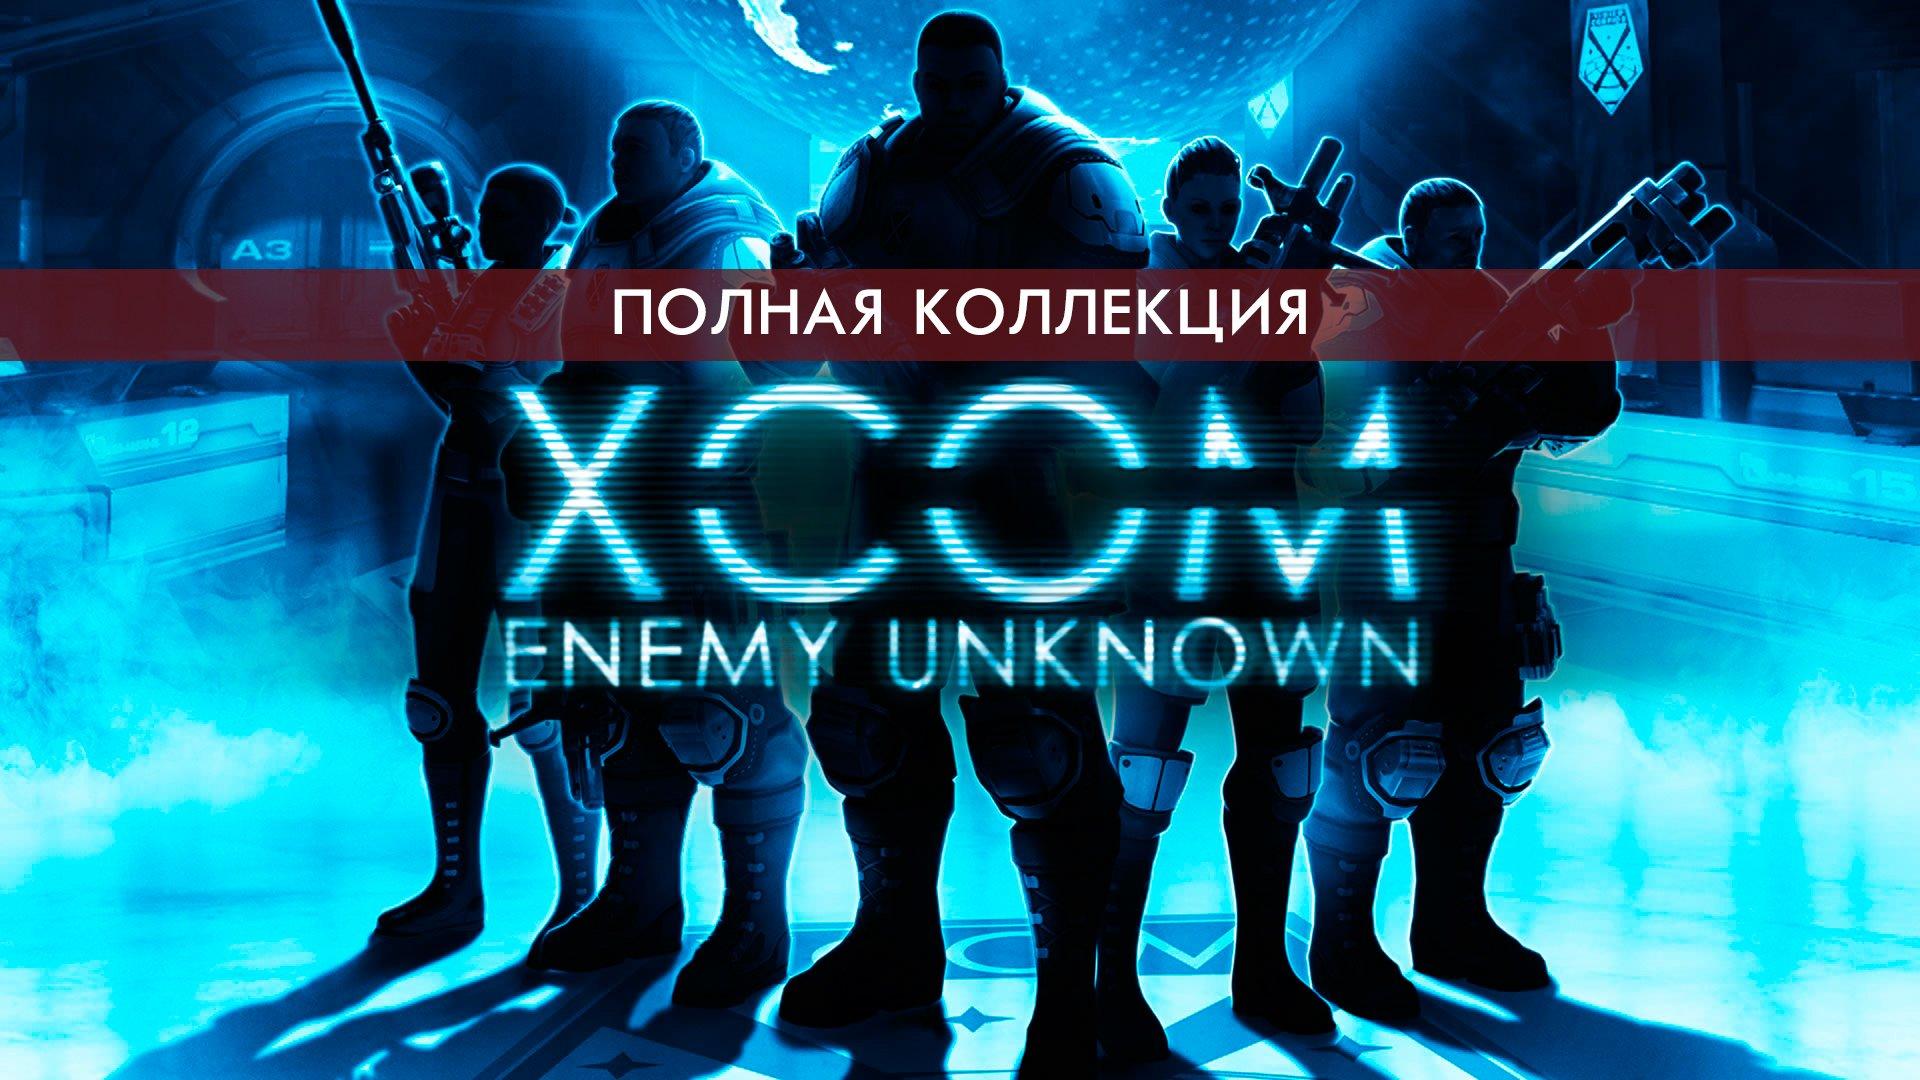 XCOM: Enemy Unknown. Полная коллекция на Эпике!  - Изображение 1